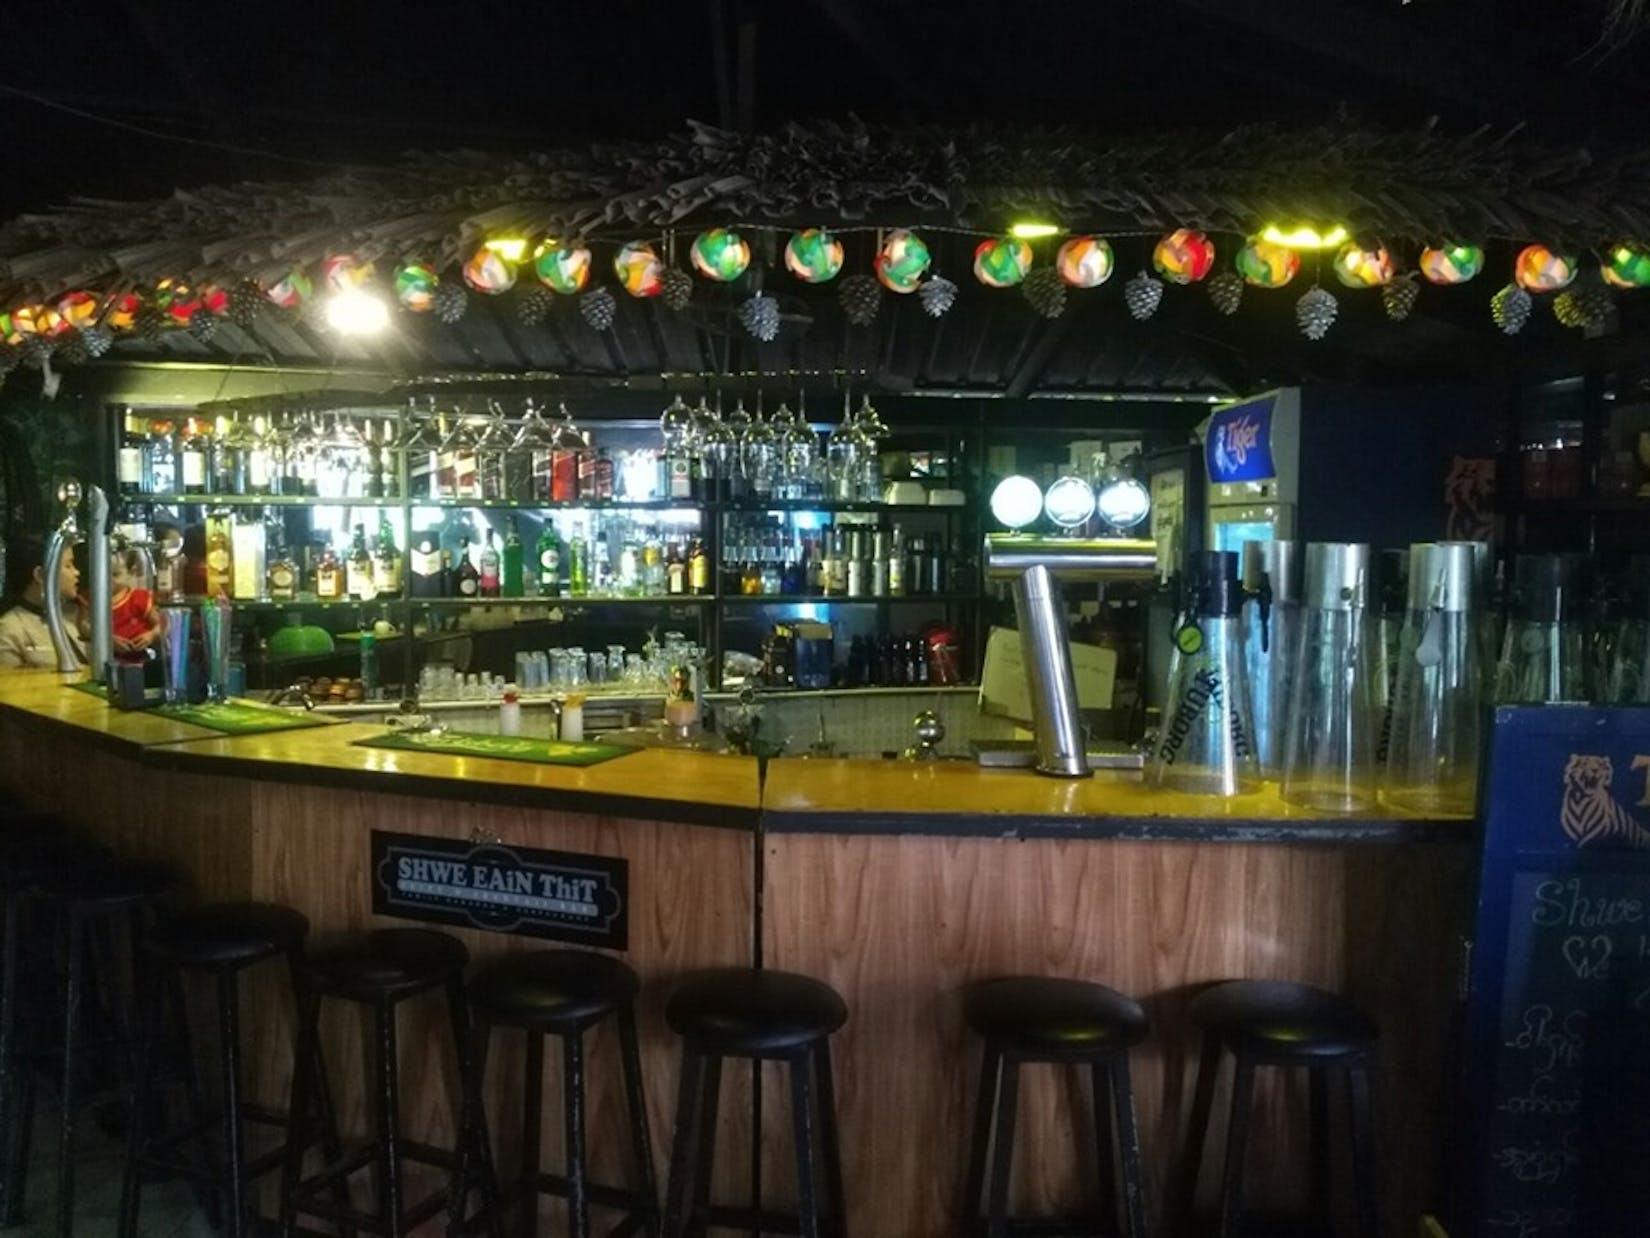 Shwe Eain Thit Restaurant and Bar | yathar